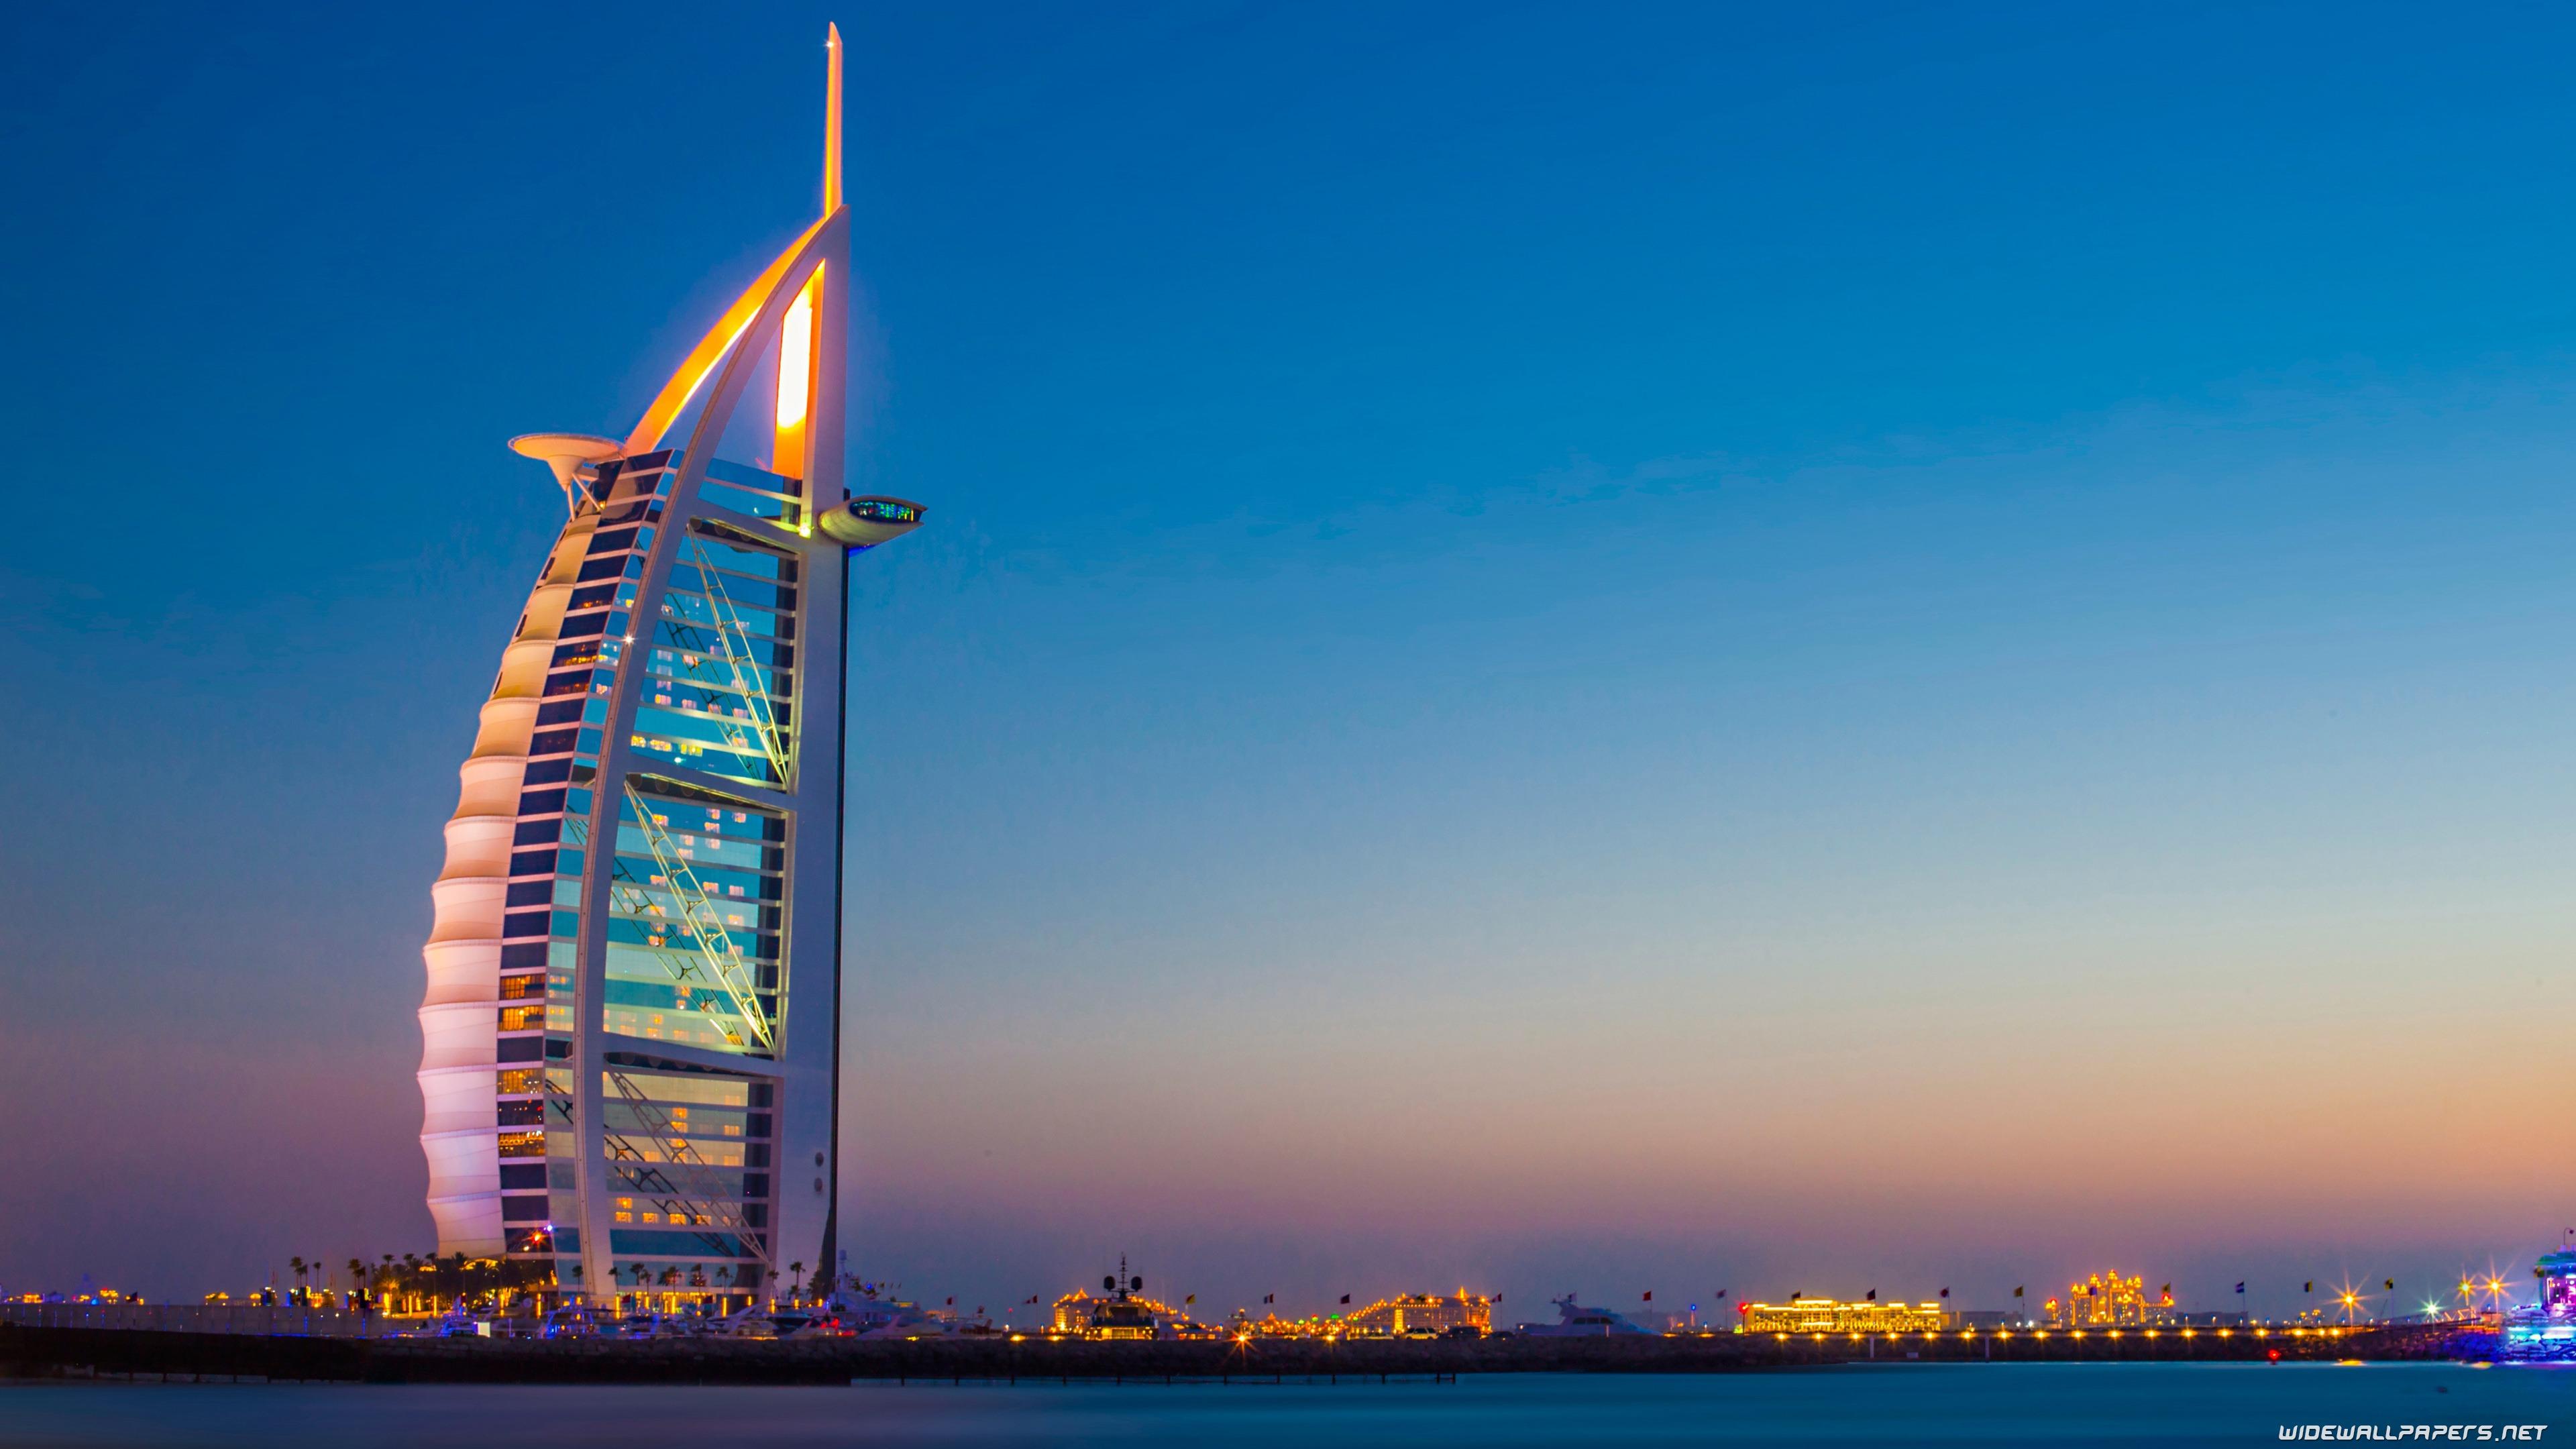 burj al arab skyscraper, Dubai